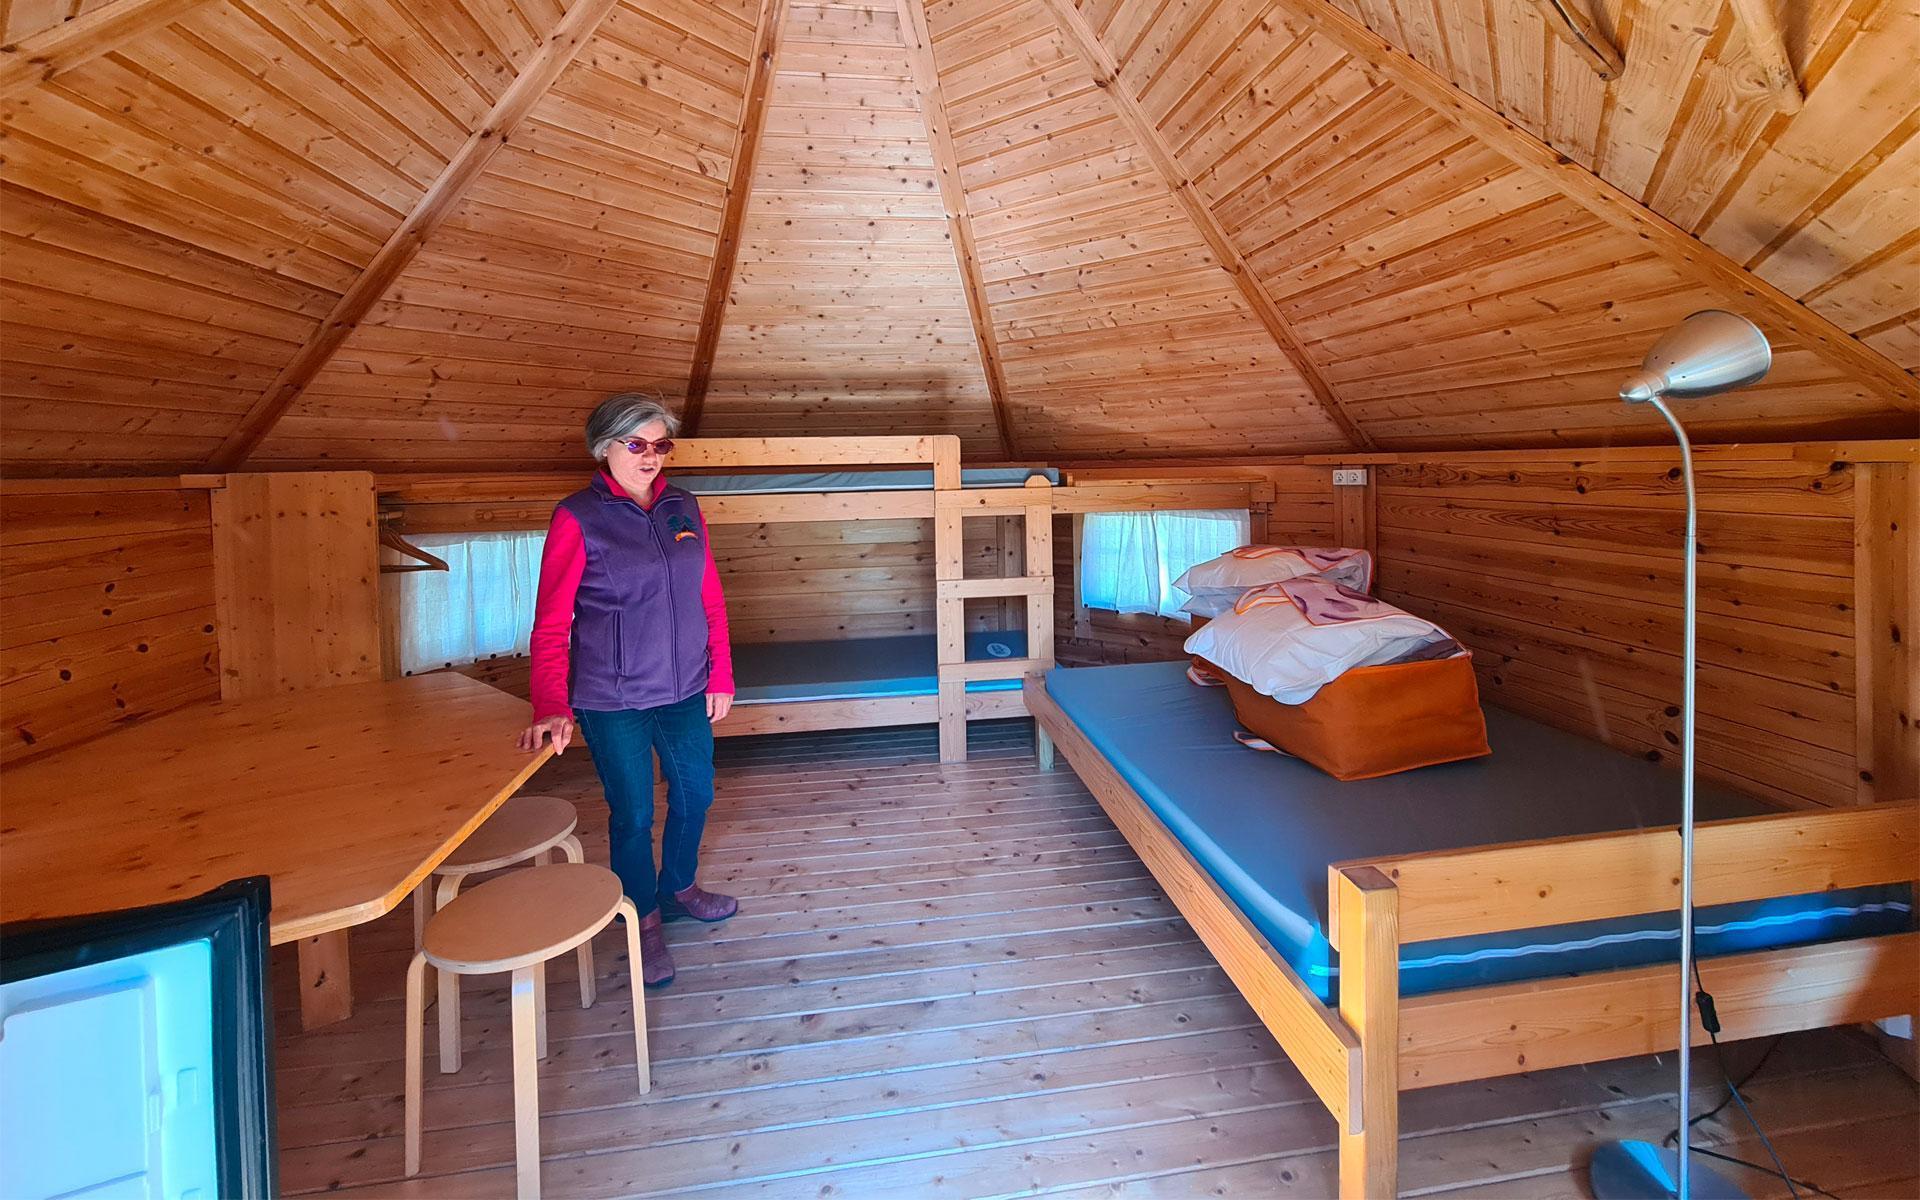 Intérieur chaleureux en bois tout confort pour une famille de 4 personnes